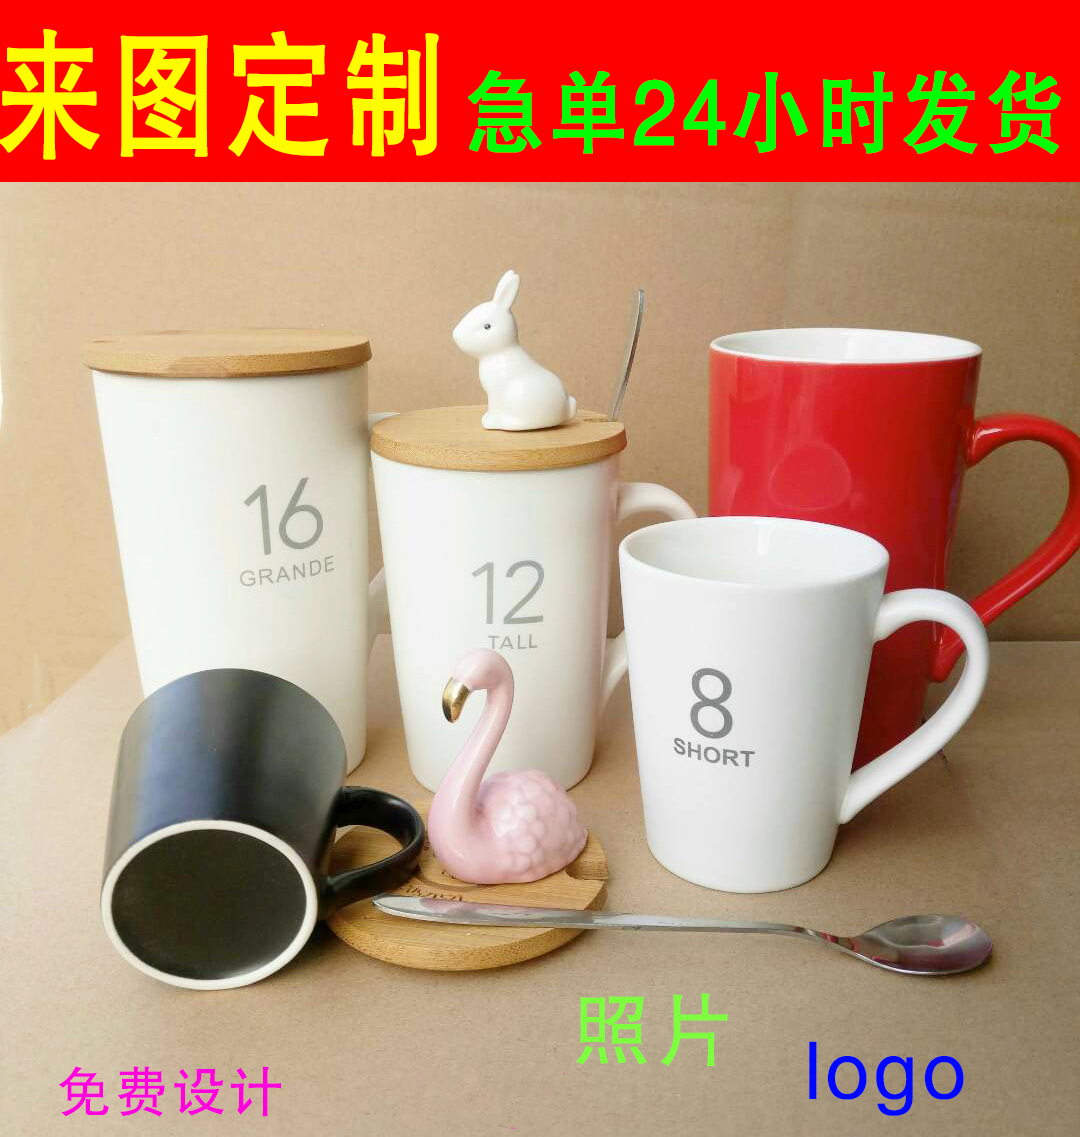 杯子 陶瓷杯马克杯定制logo  带盖勺 定做 印照片文字广告雕刻diy